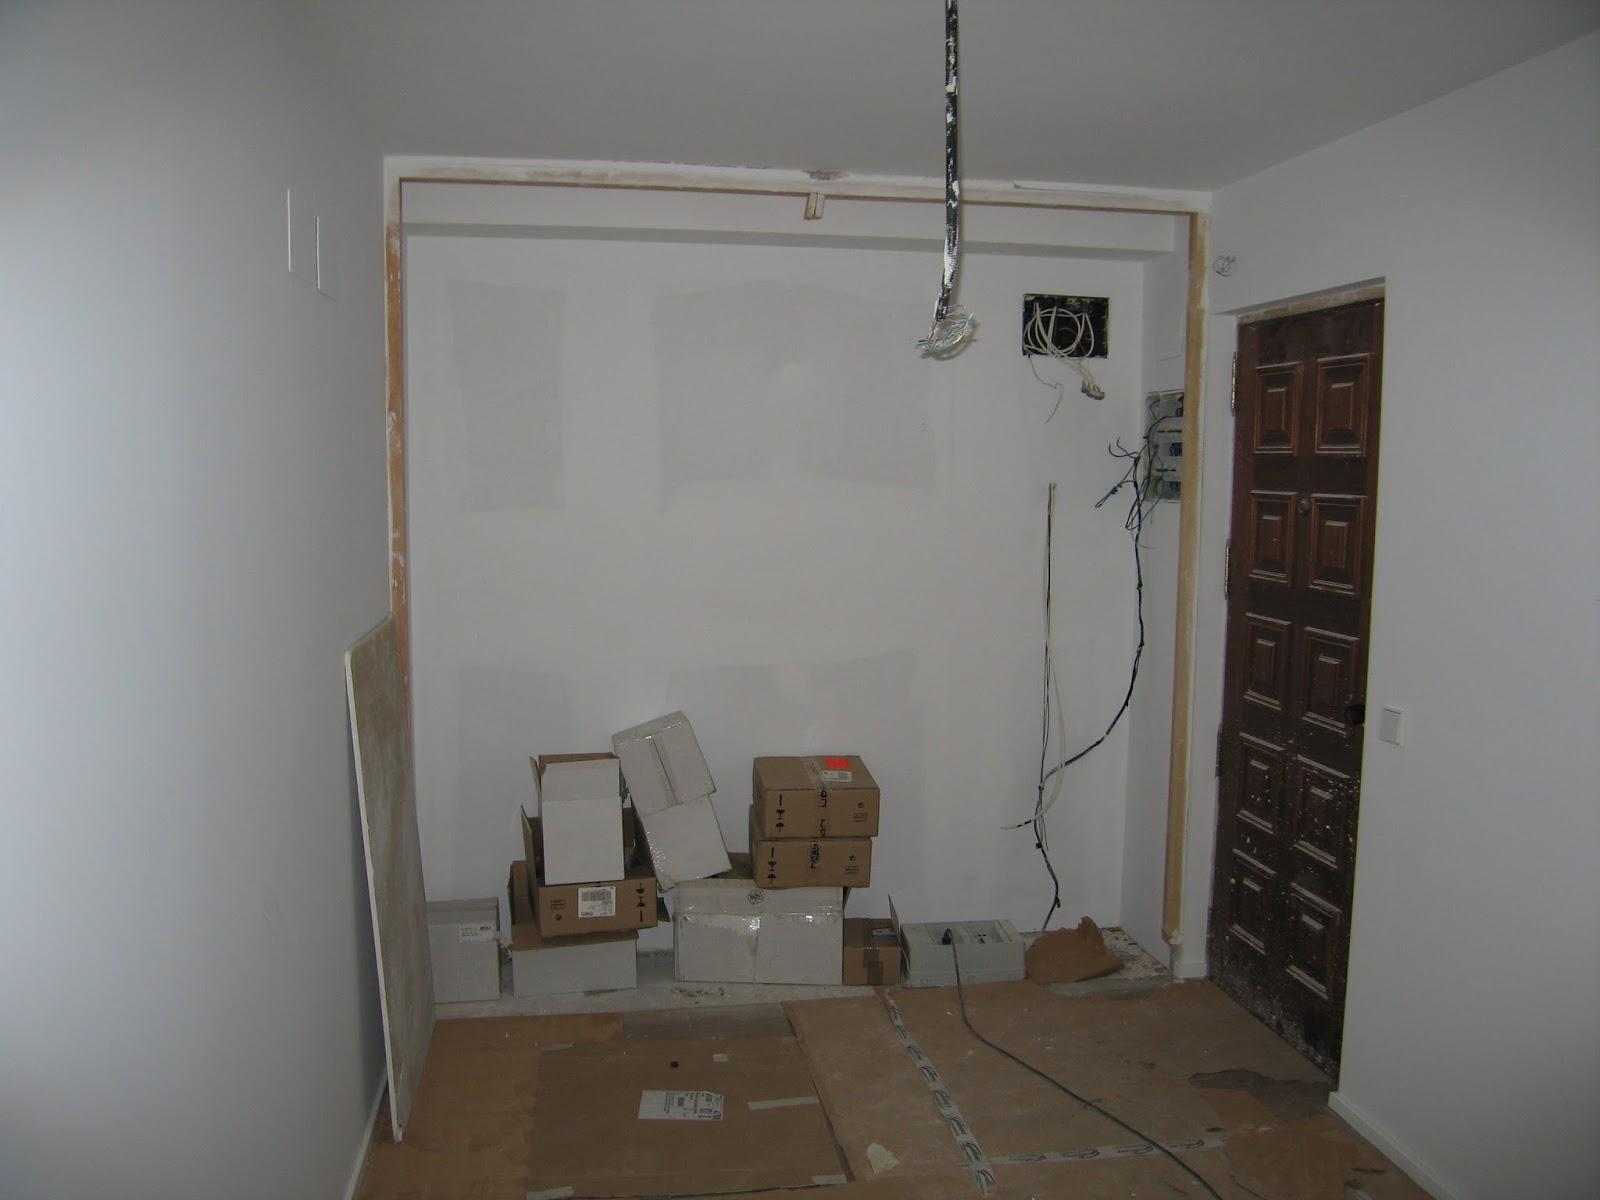 Pepe granell armario empotrado mueble a medida 2008 - Distribucion de armarios empotrados ...